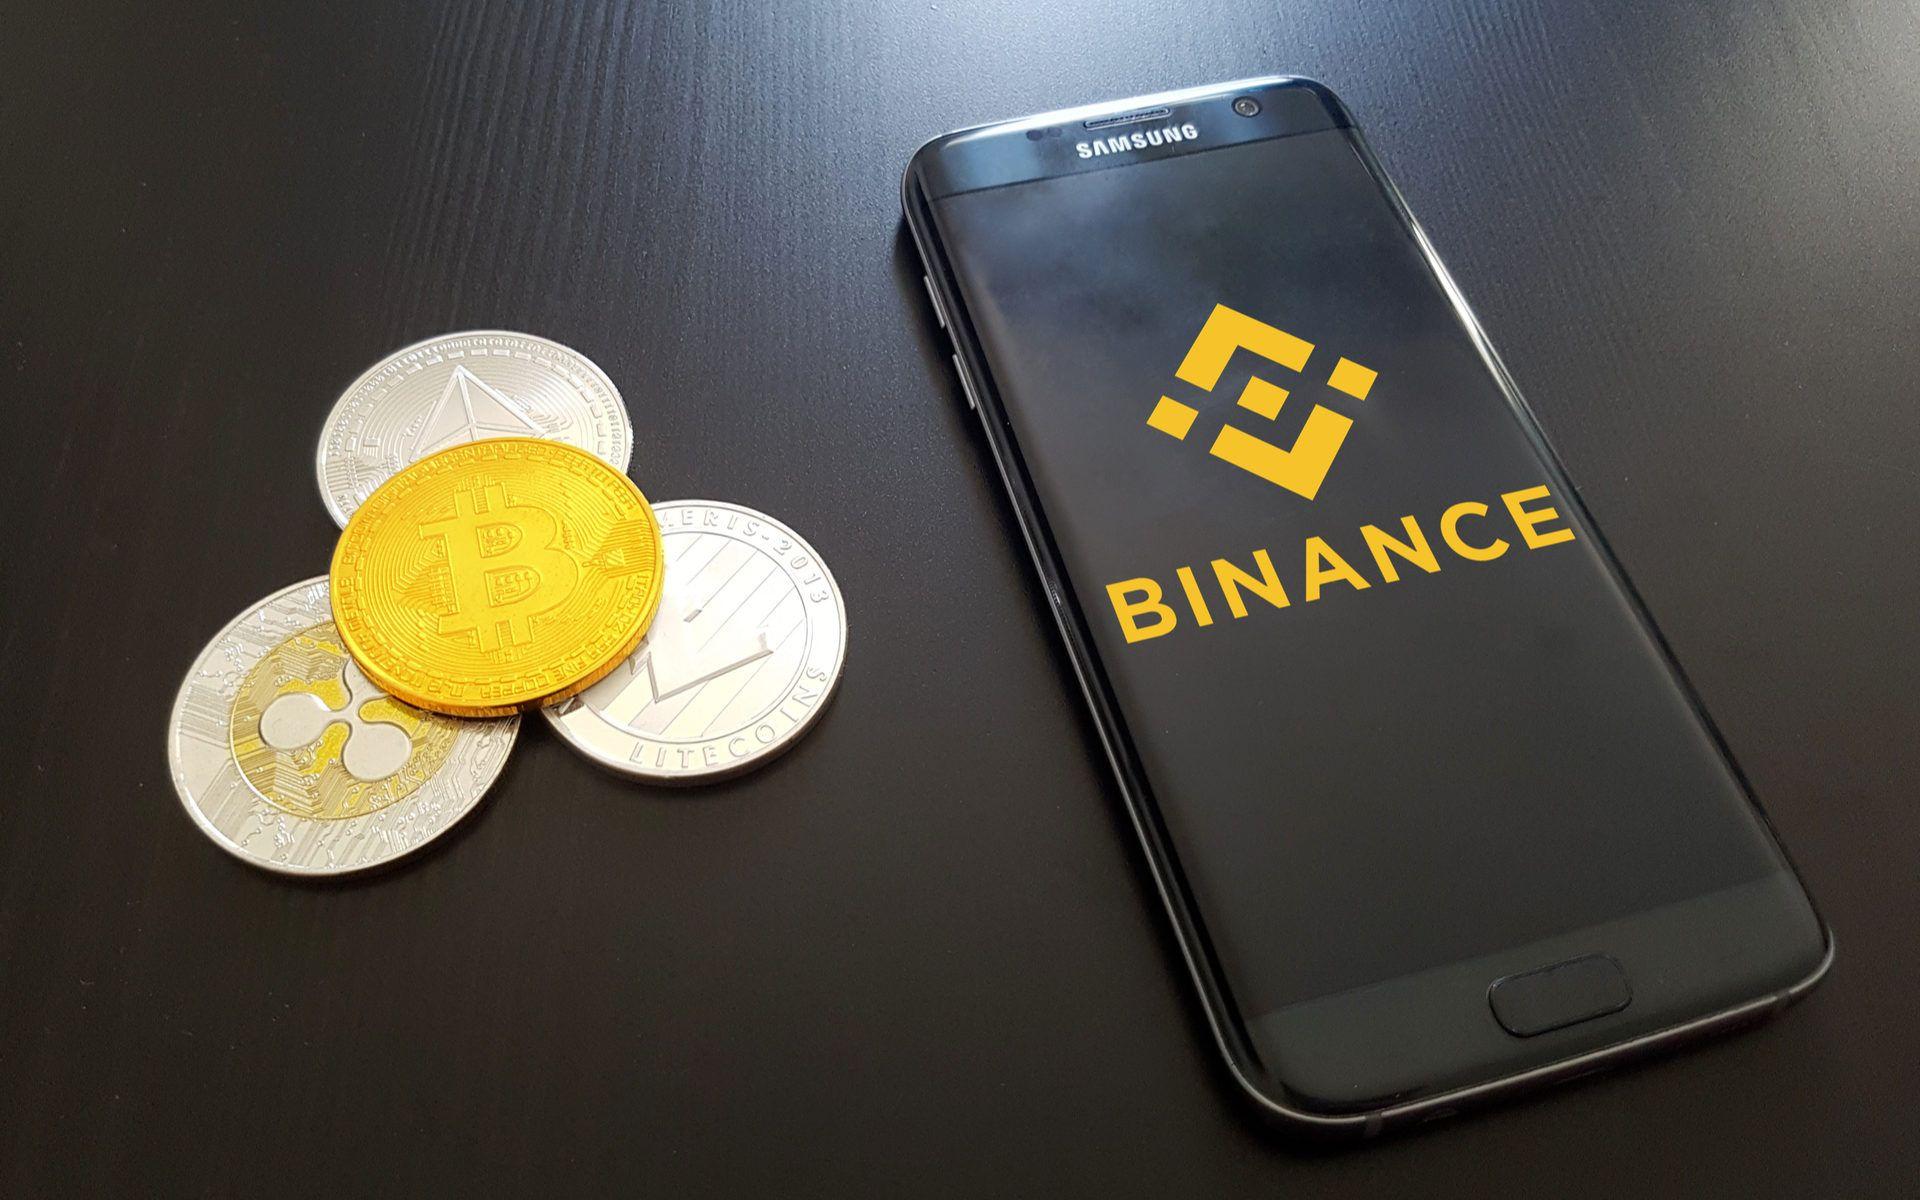 trade litecoin la bitcoin binance